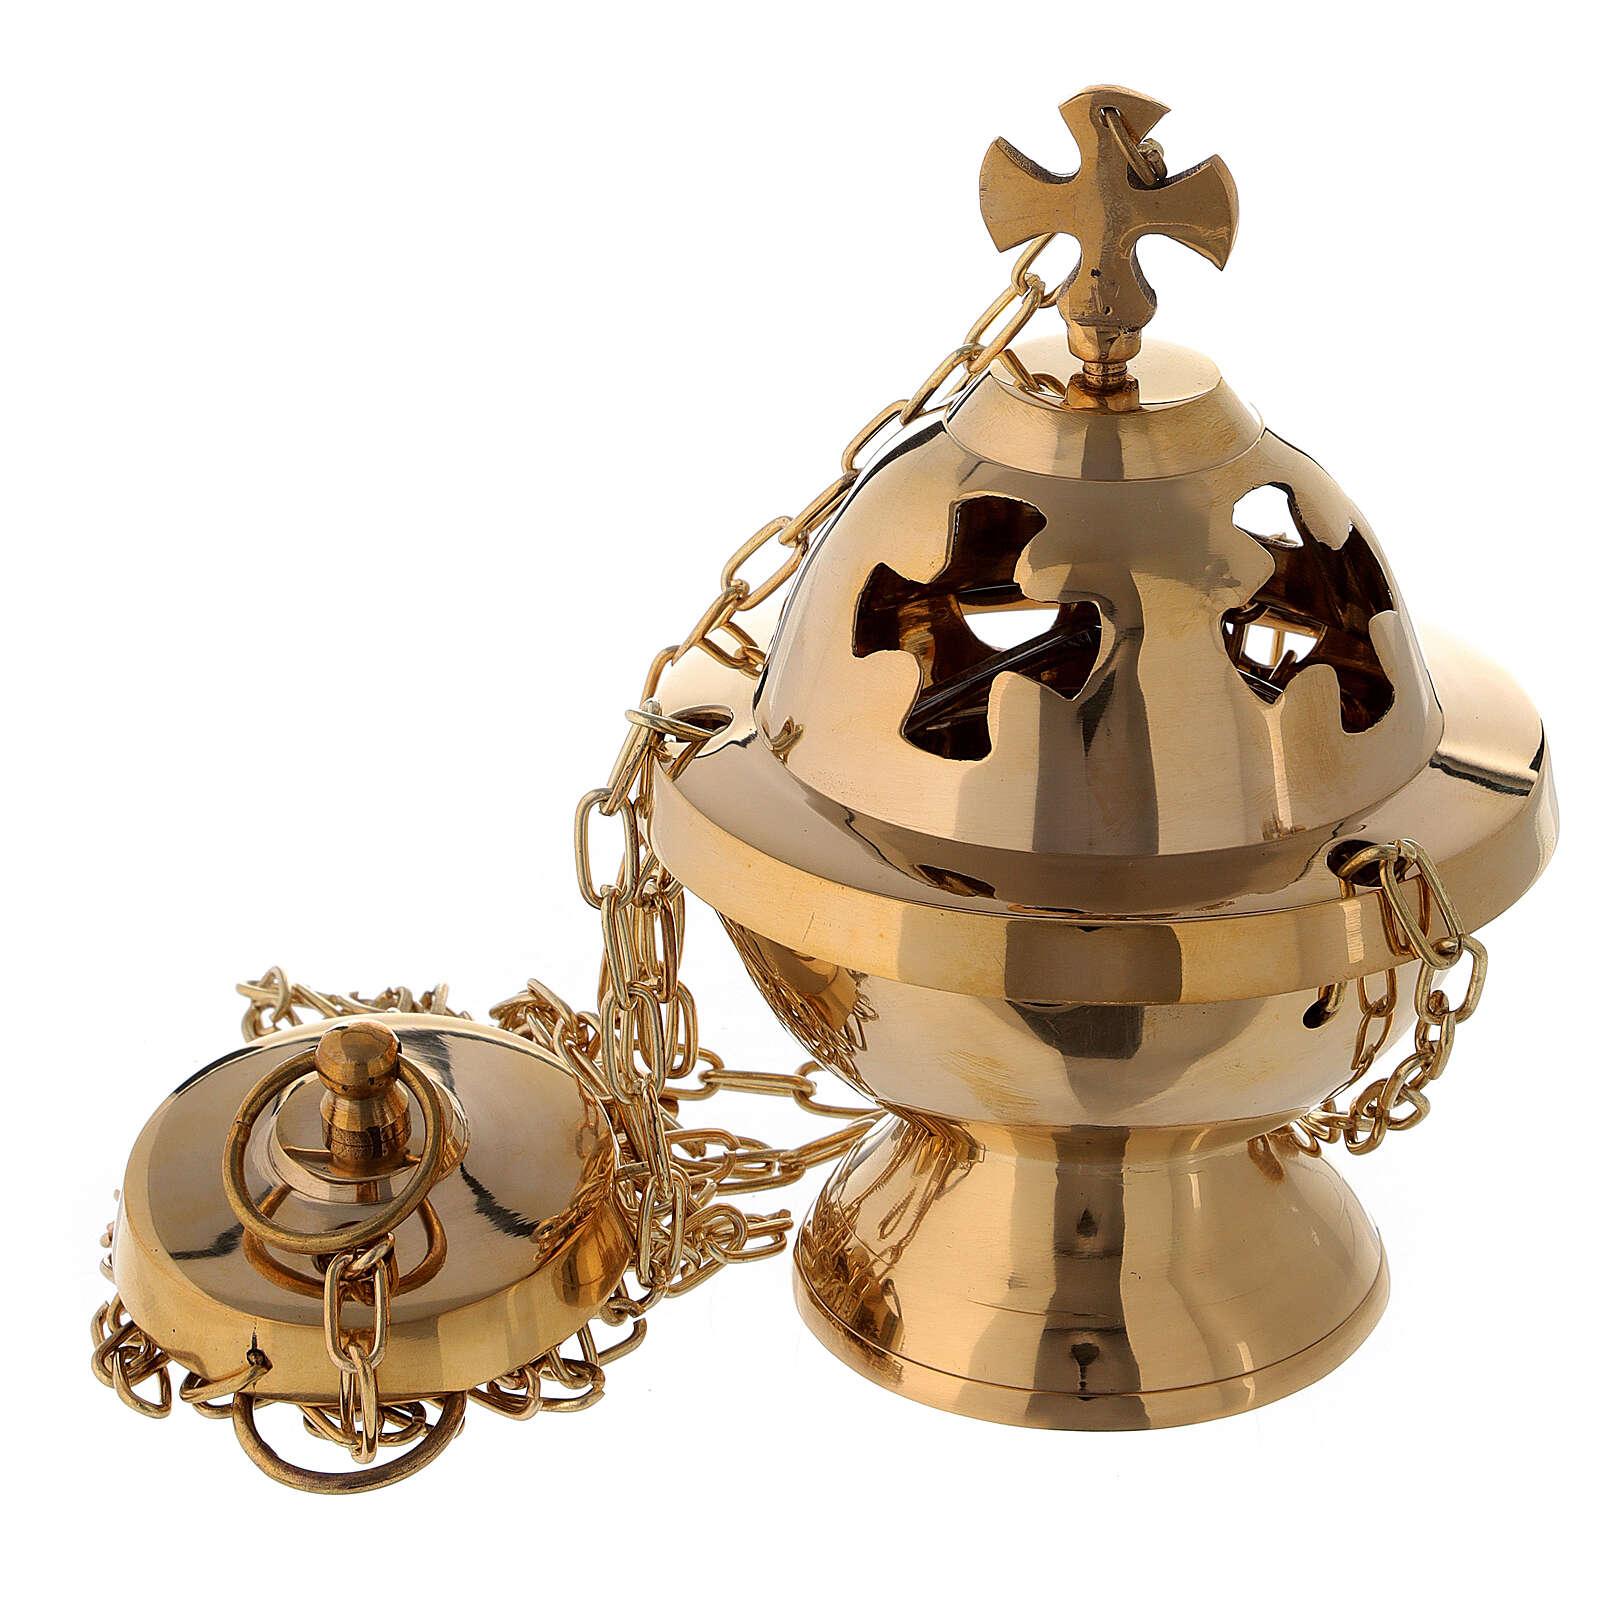 Incensario esfera cruz maltesa altura 15 cm con cestita 3